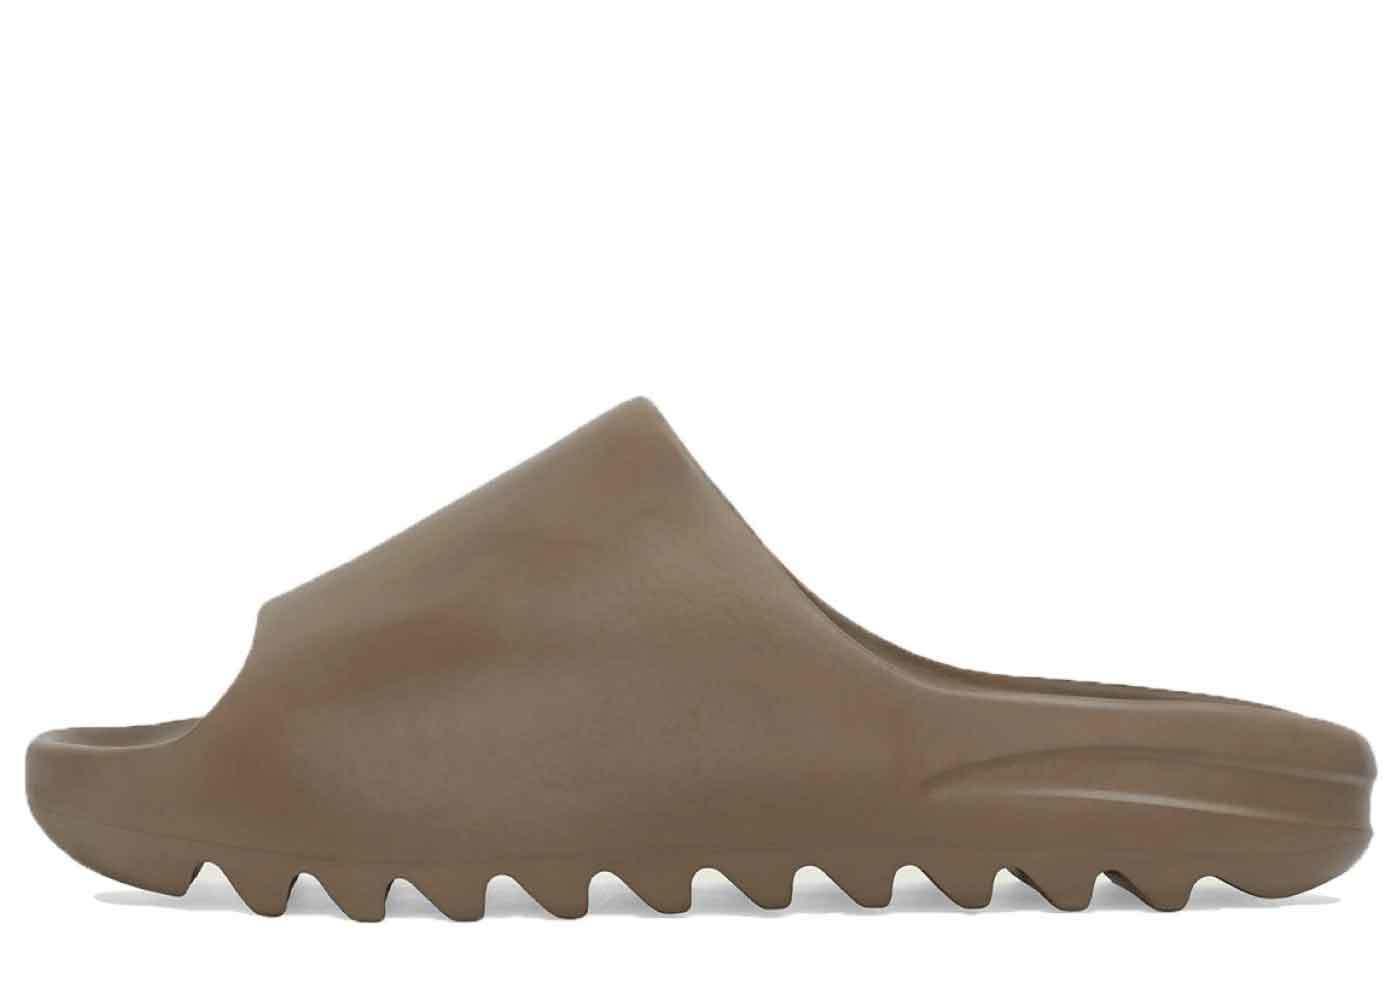 Adidas Yeezy Slide Earth Brownの写真